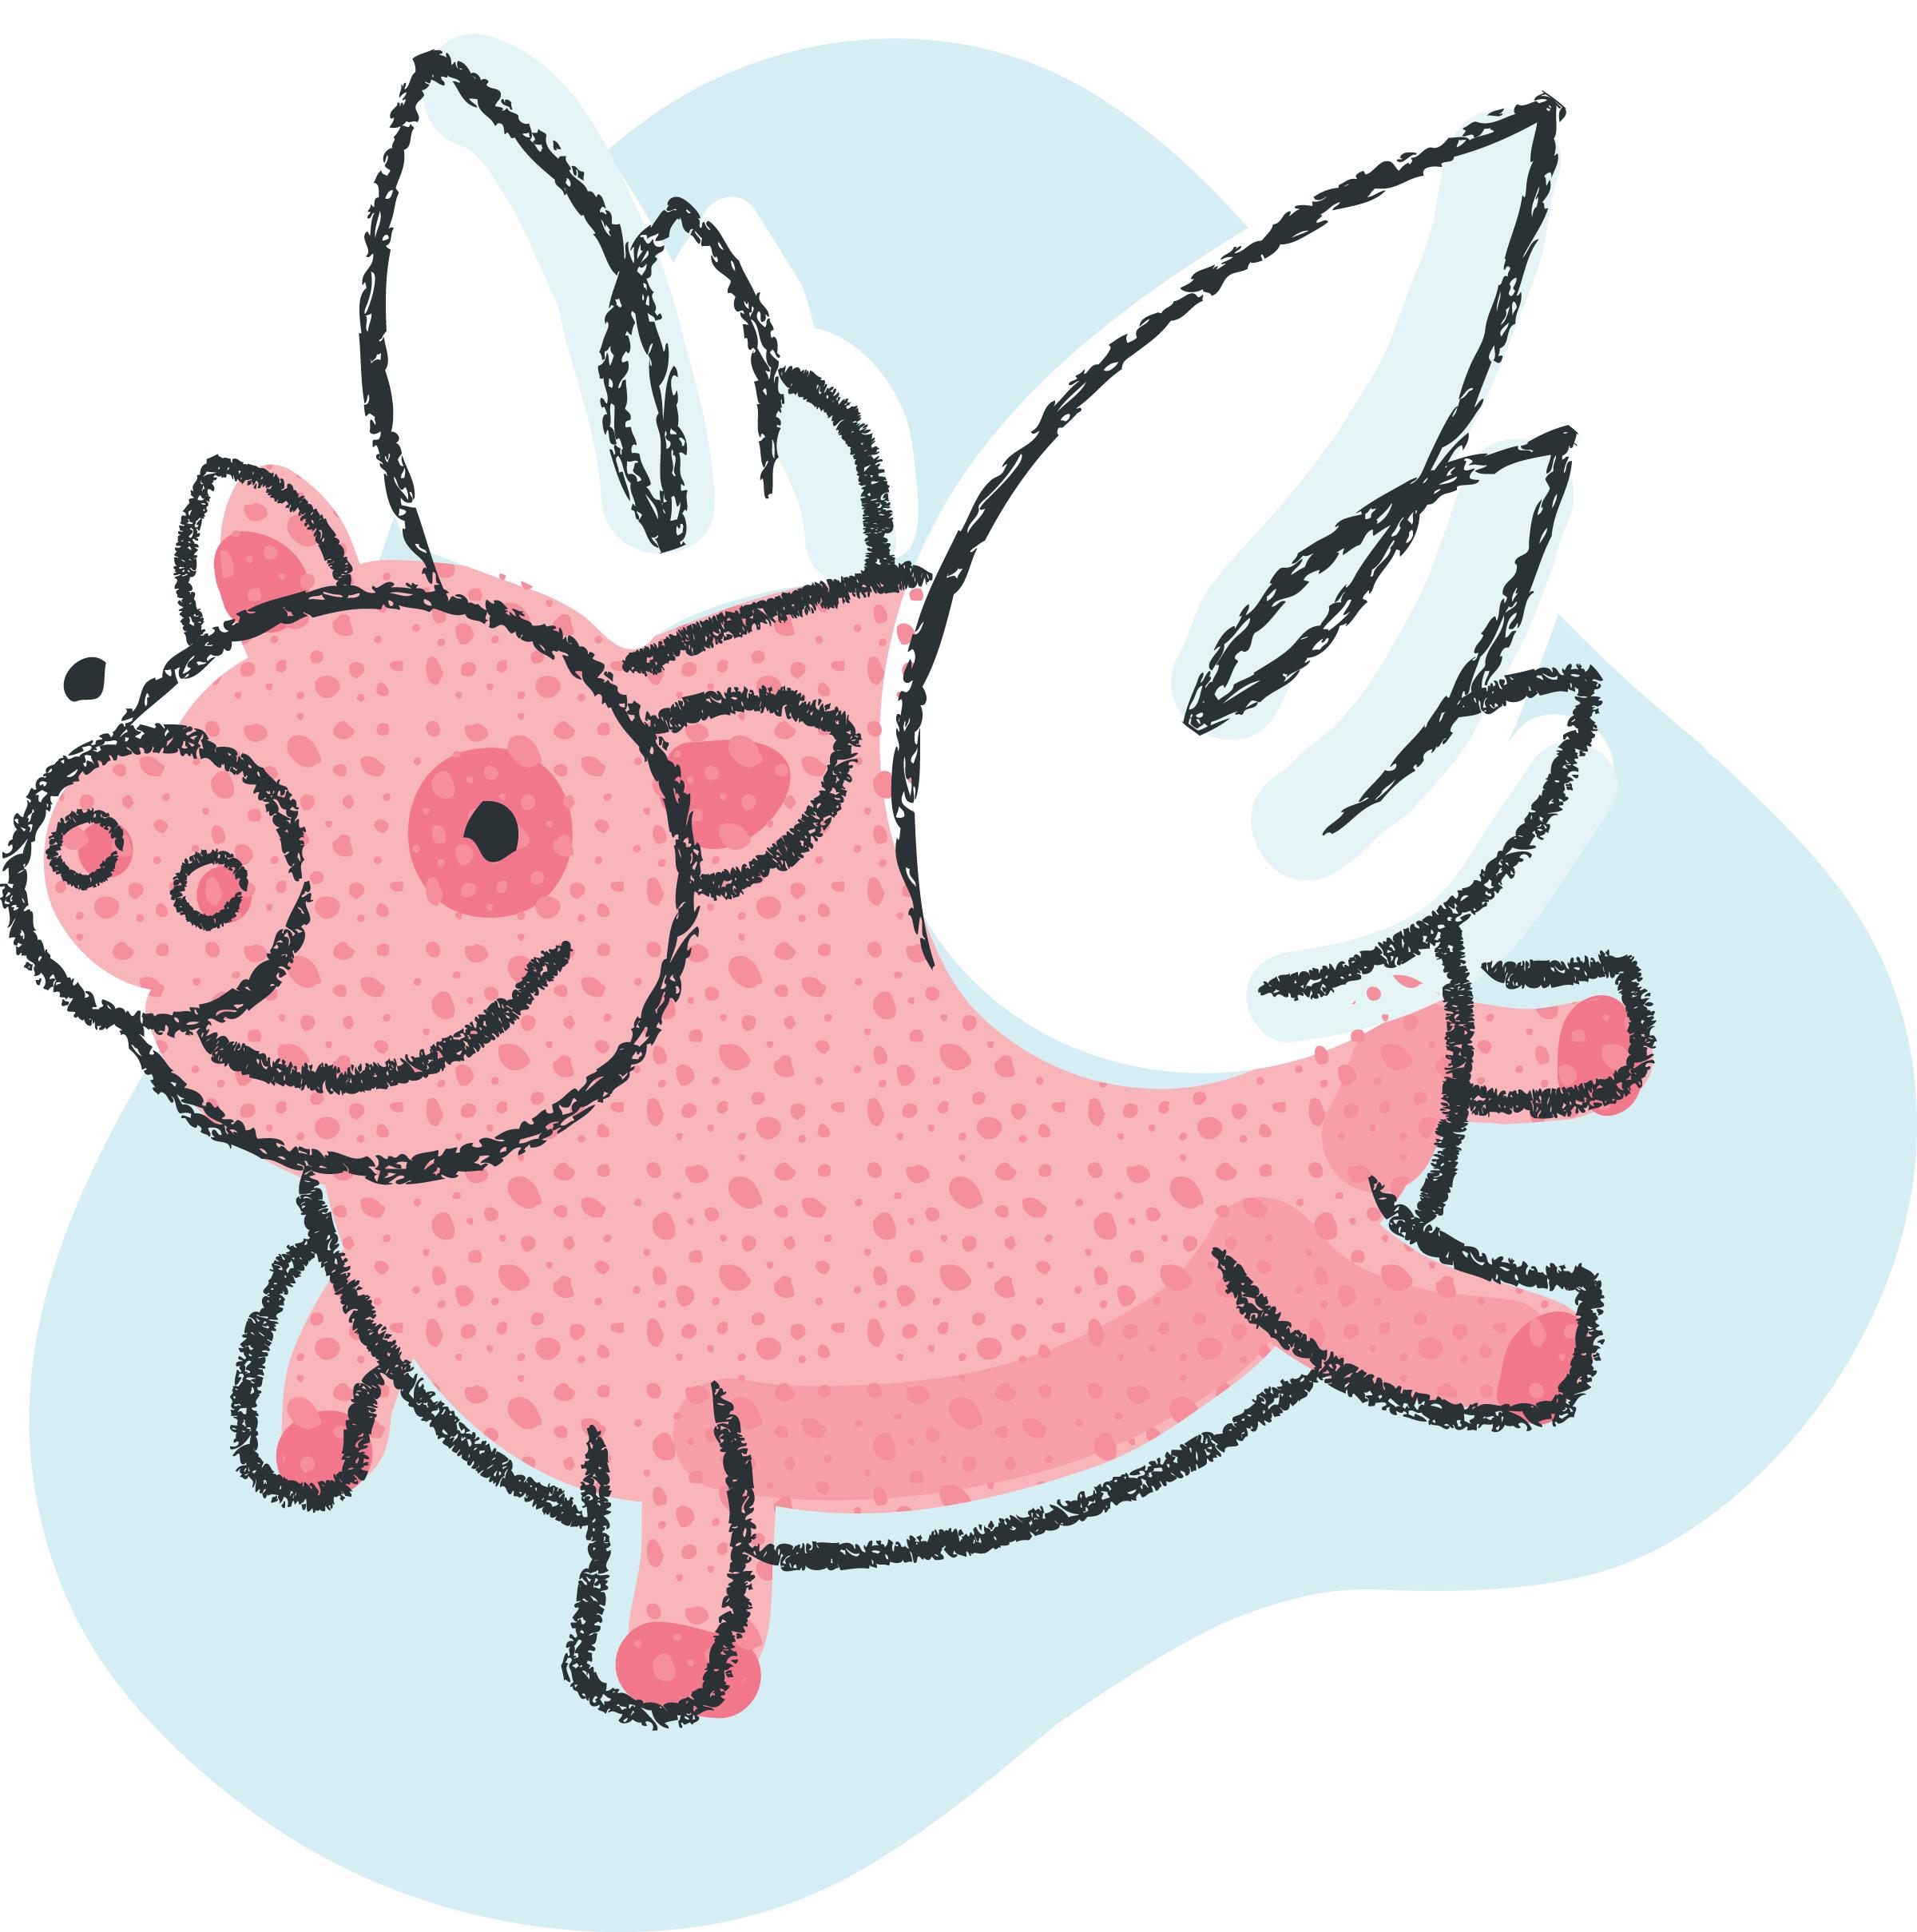 Cute Pigs Wings Cartoon